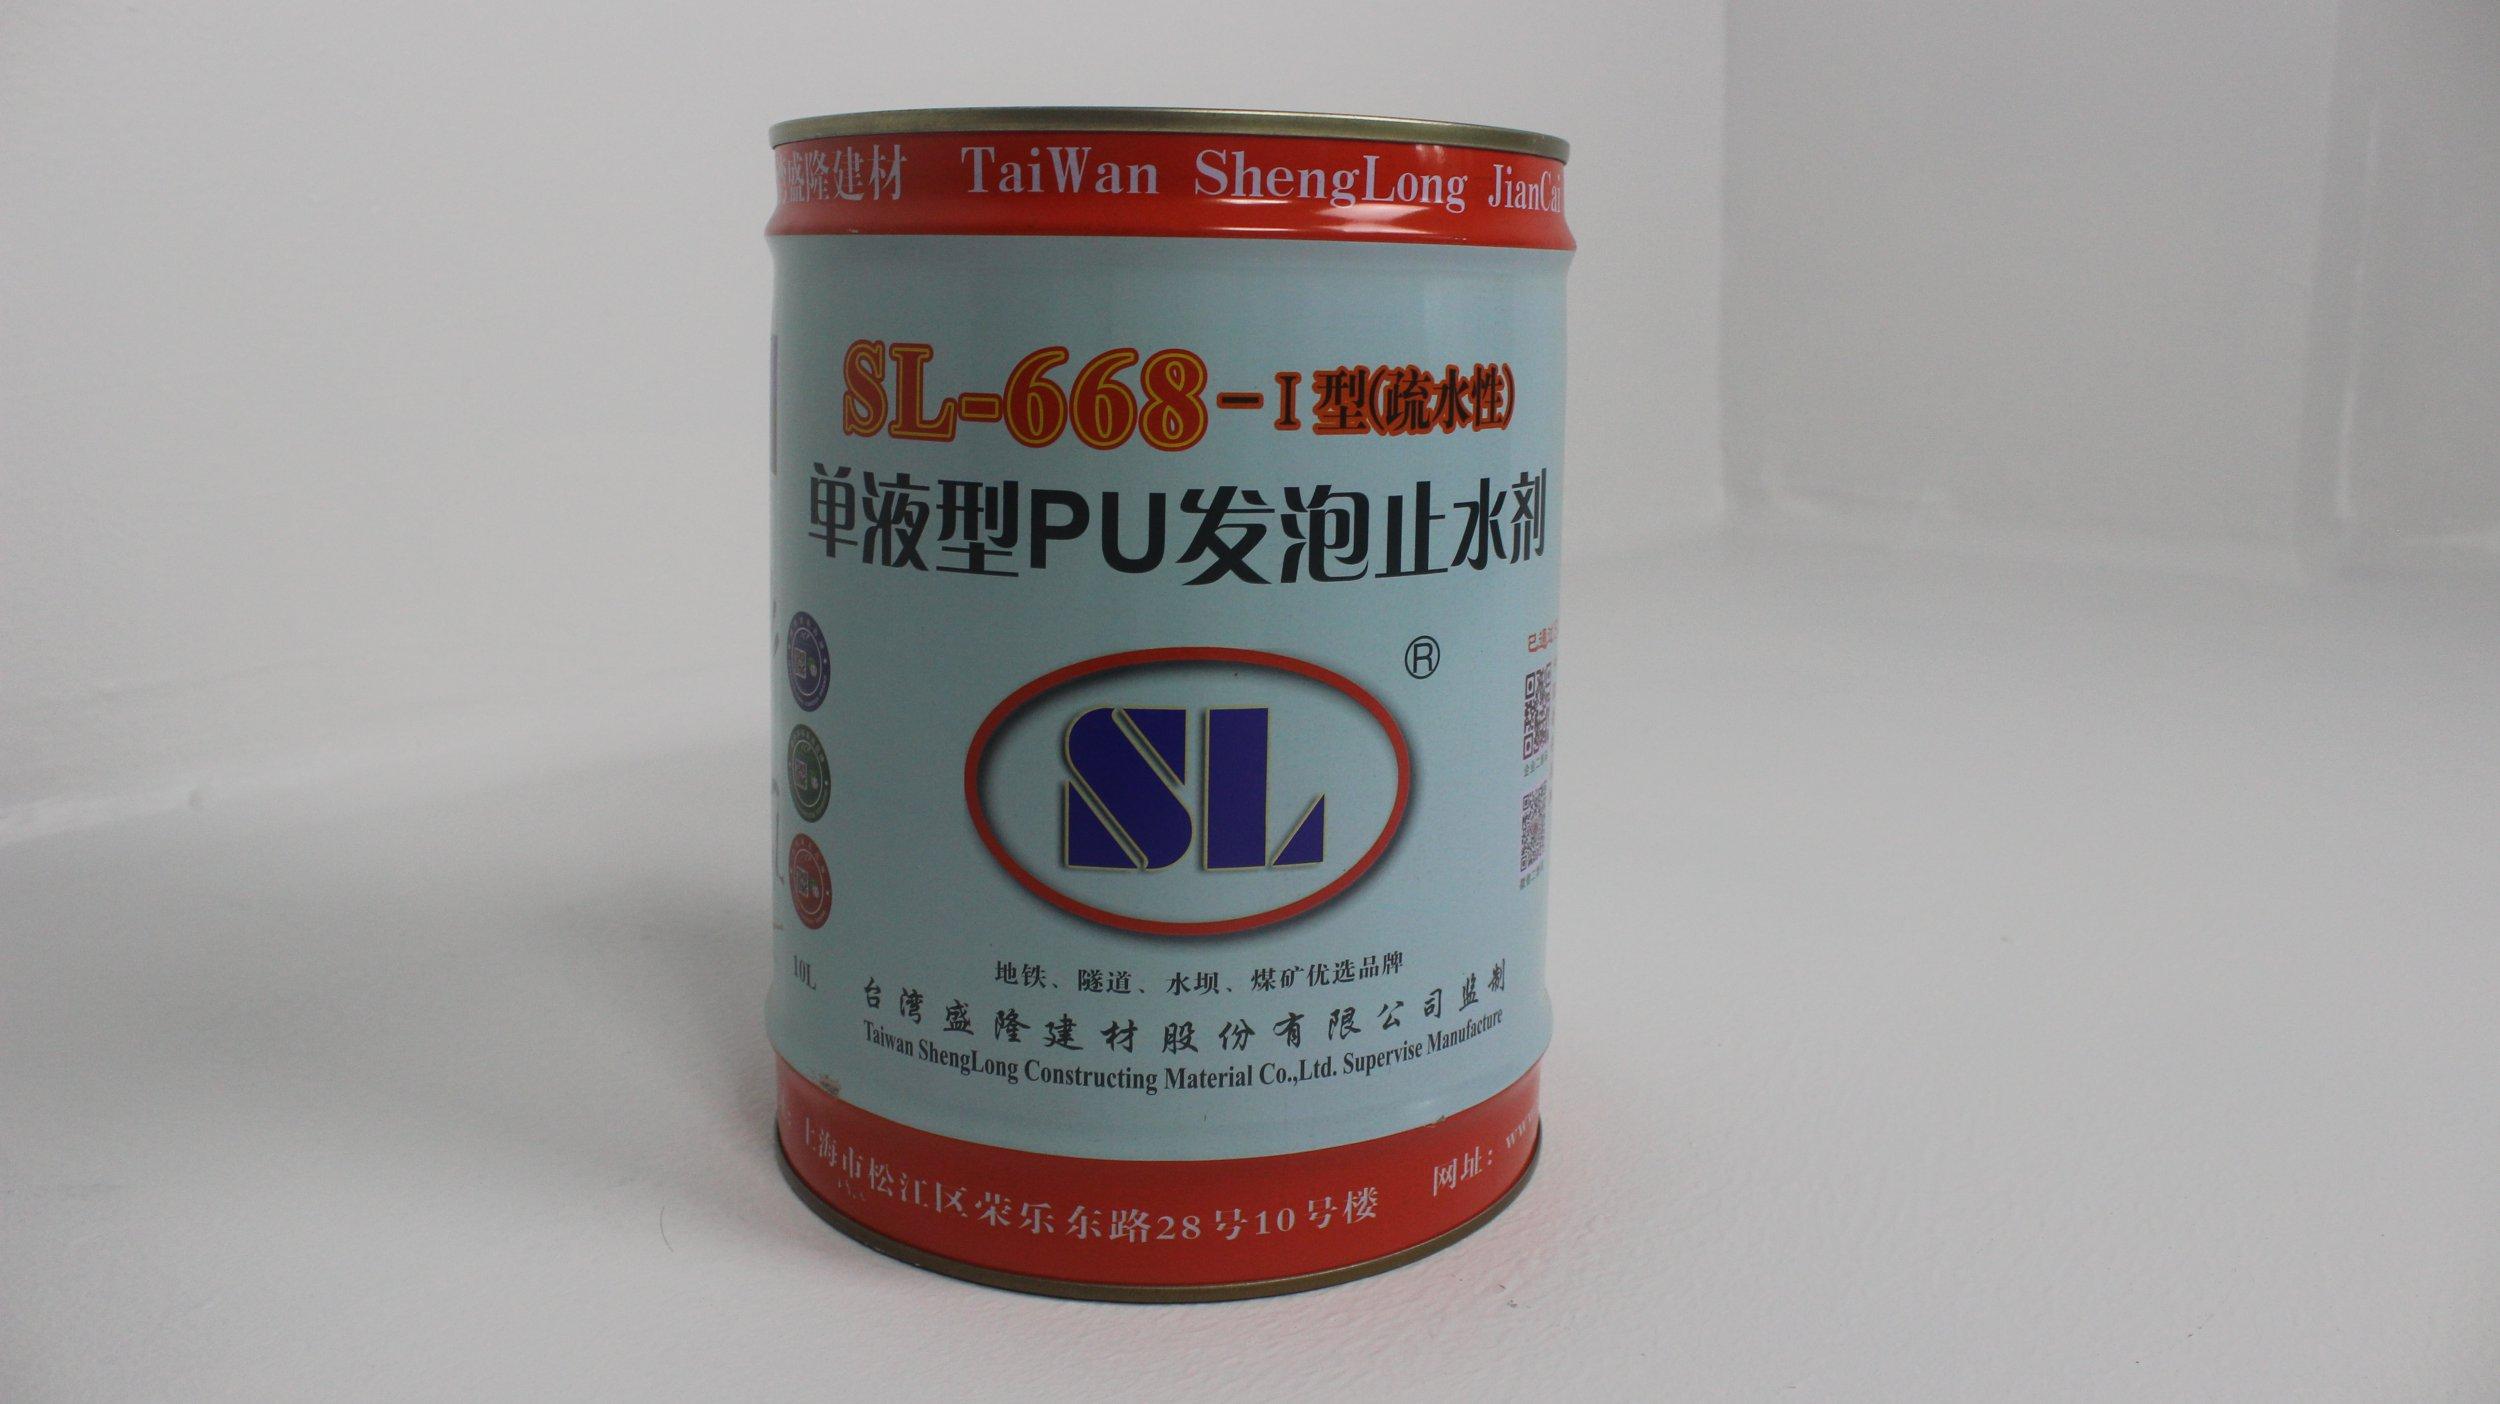 SL-668-I